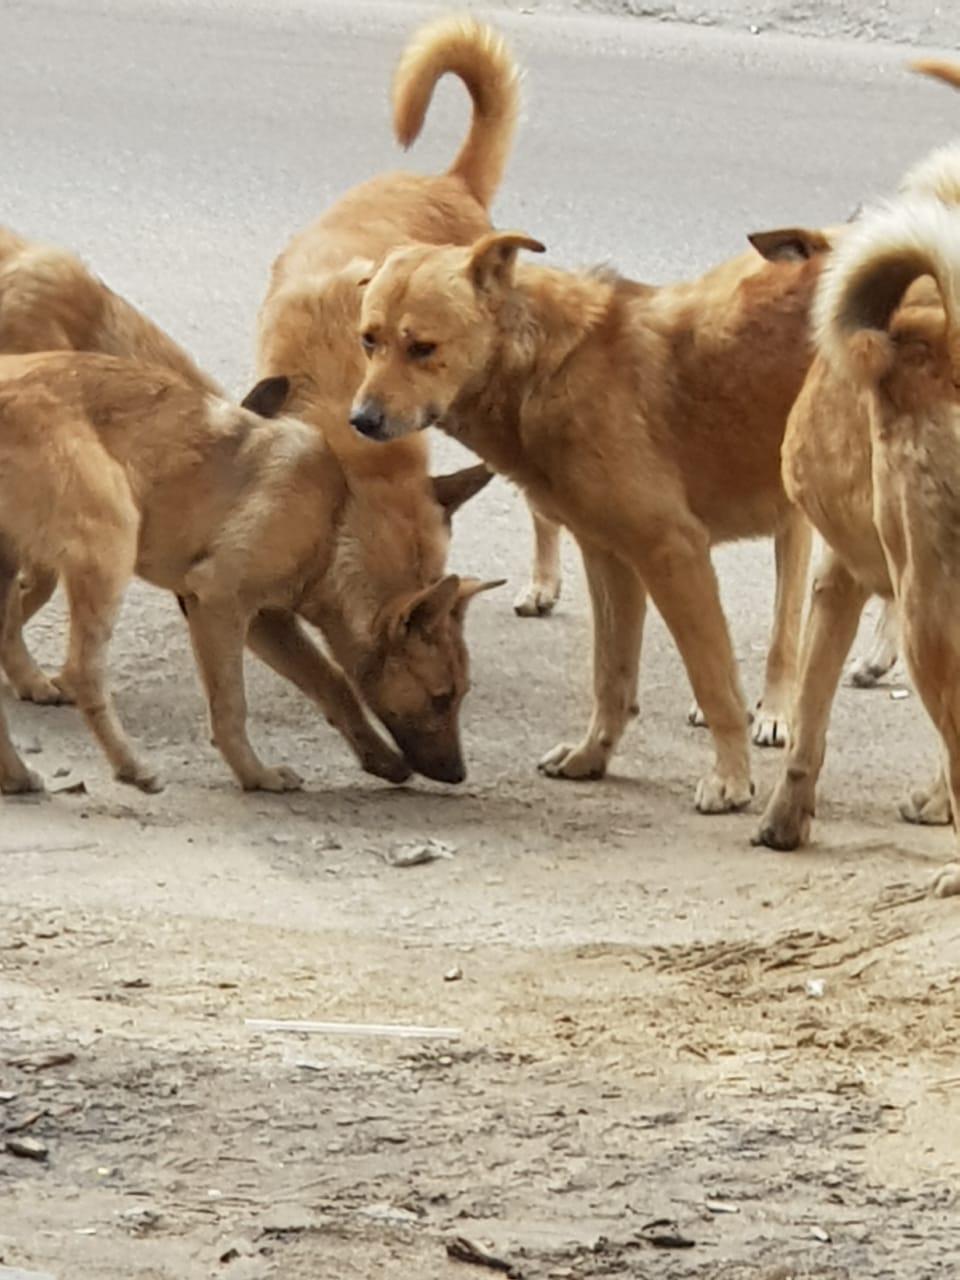 الكلاب الضالة بسيدى بشر فى الإسكندرية (2)